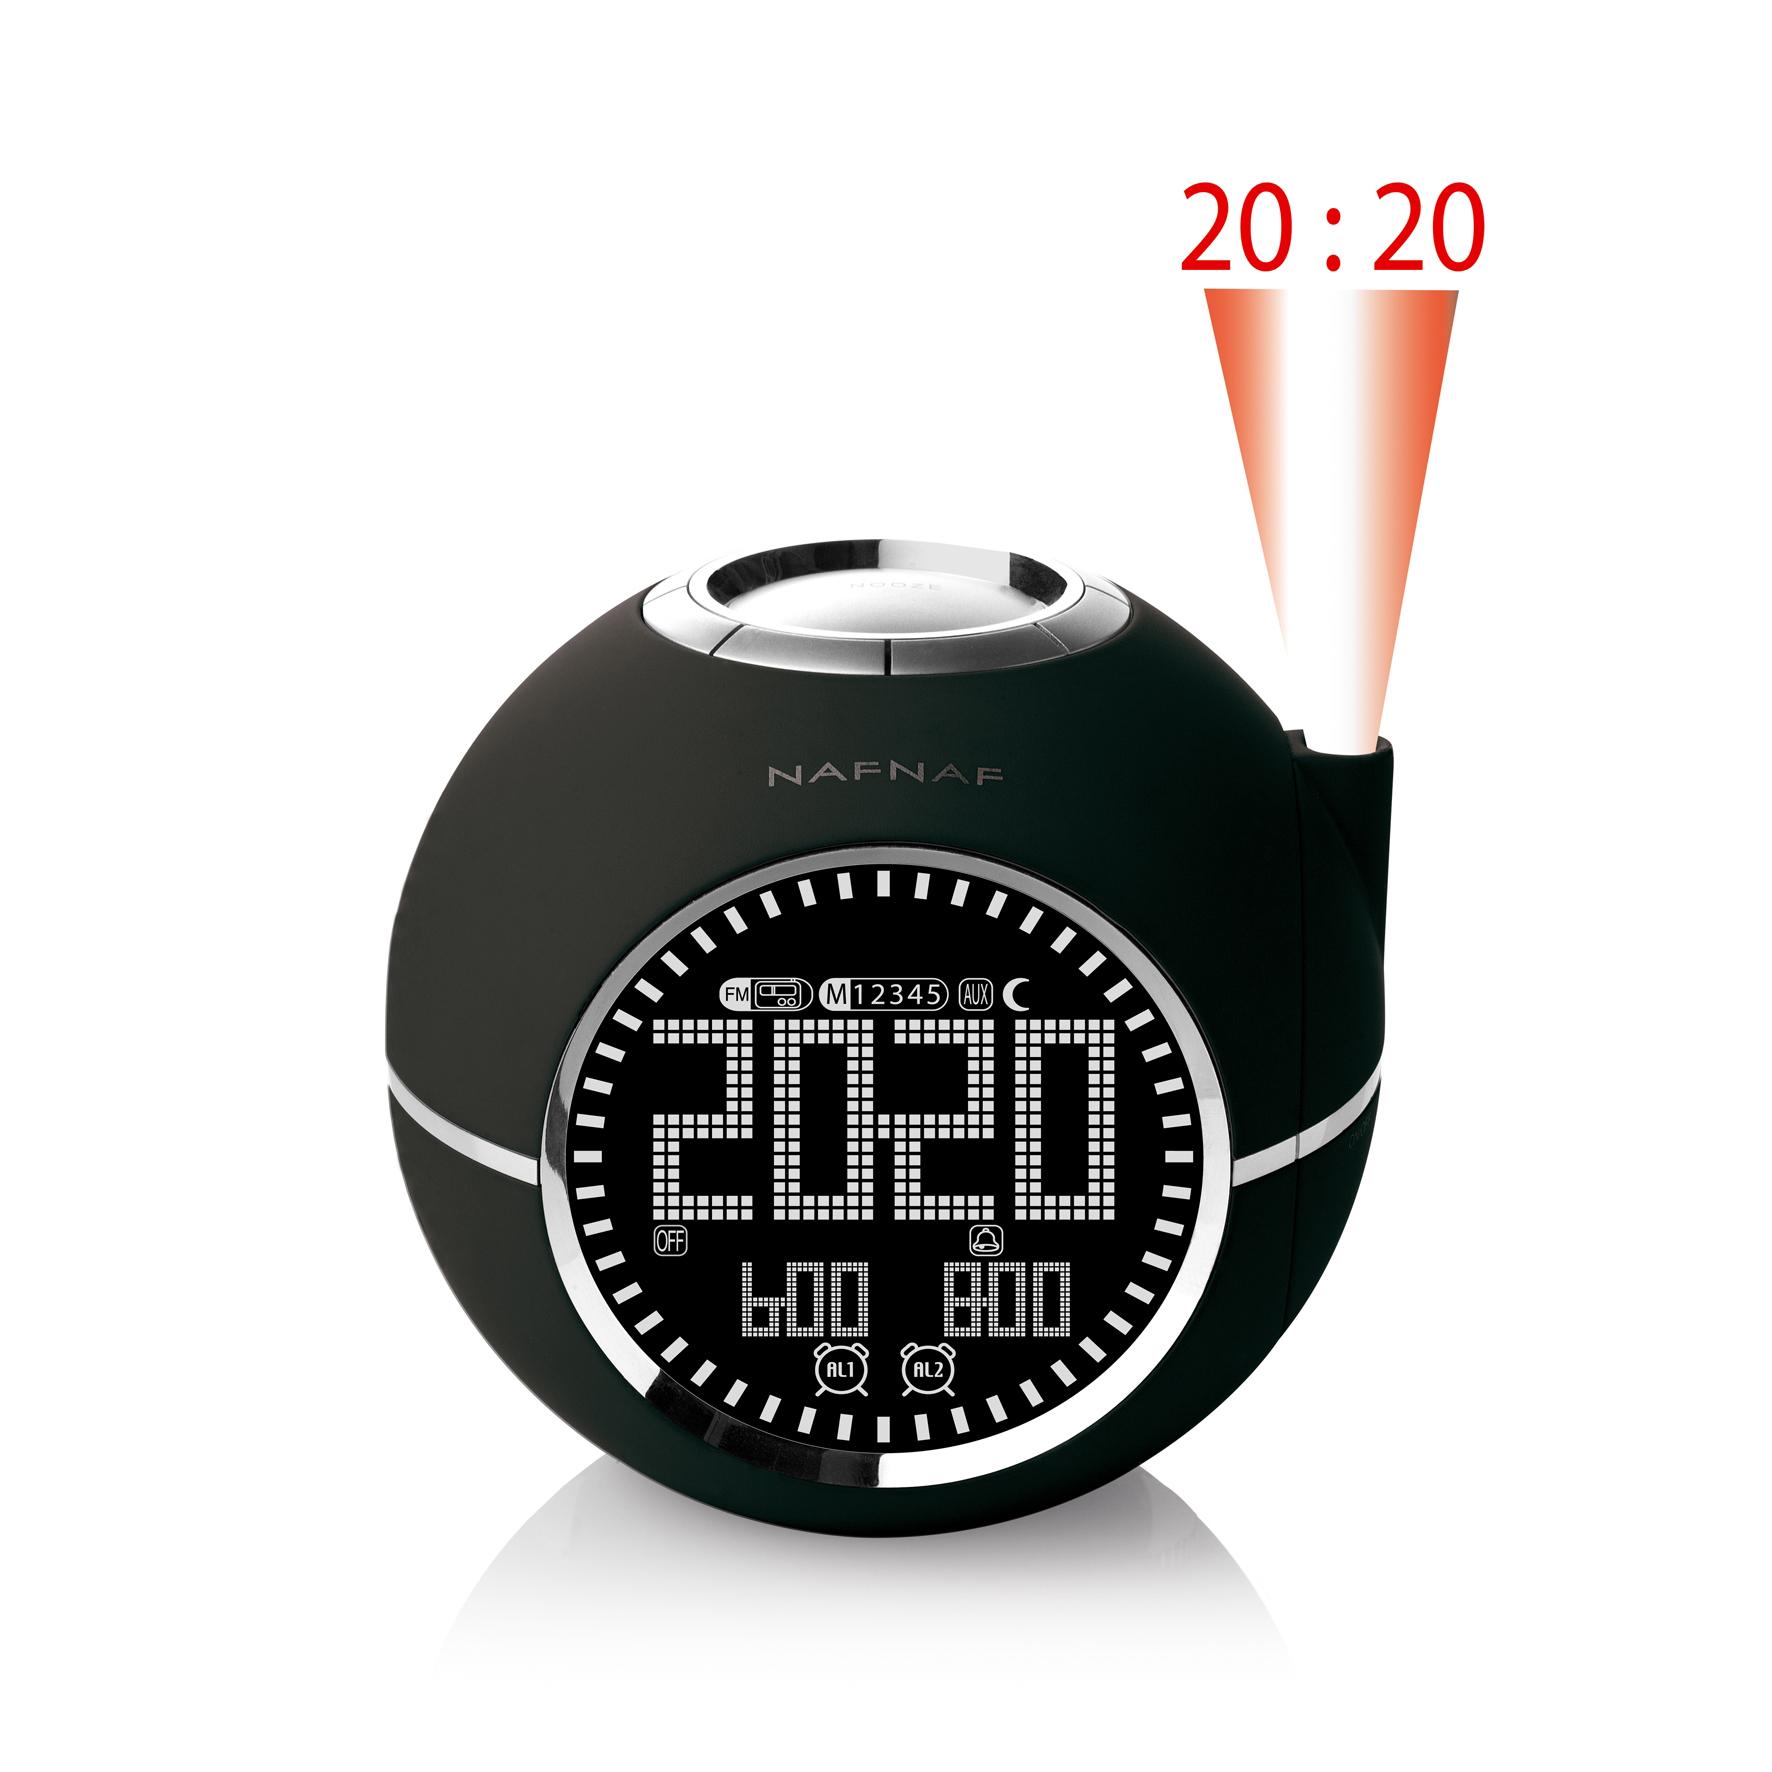 NAFNAF-Uhrenradio-Radiowecker-Clockine-mit-LCD-Display-und-MP3-Radio-Wecker